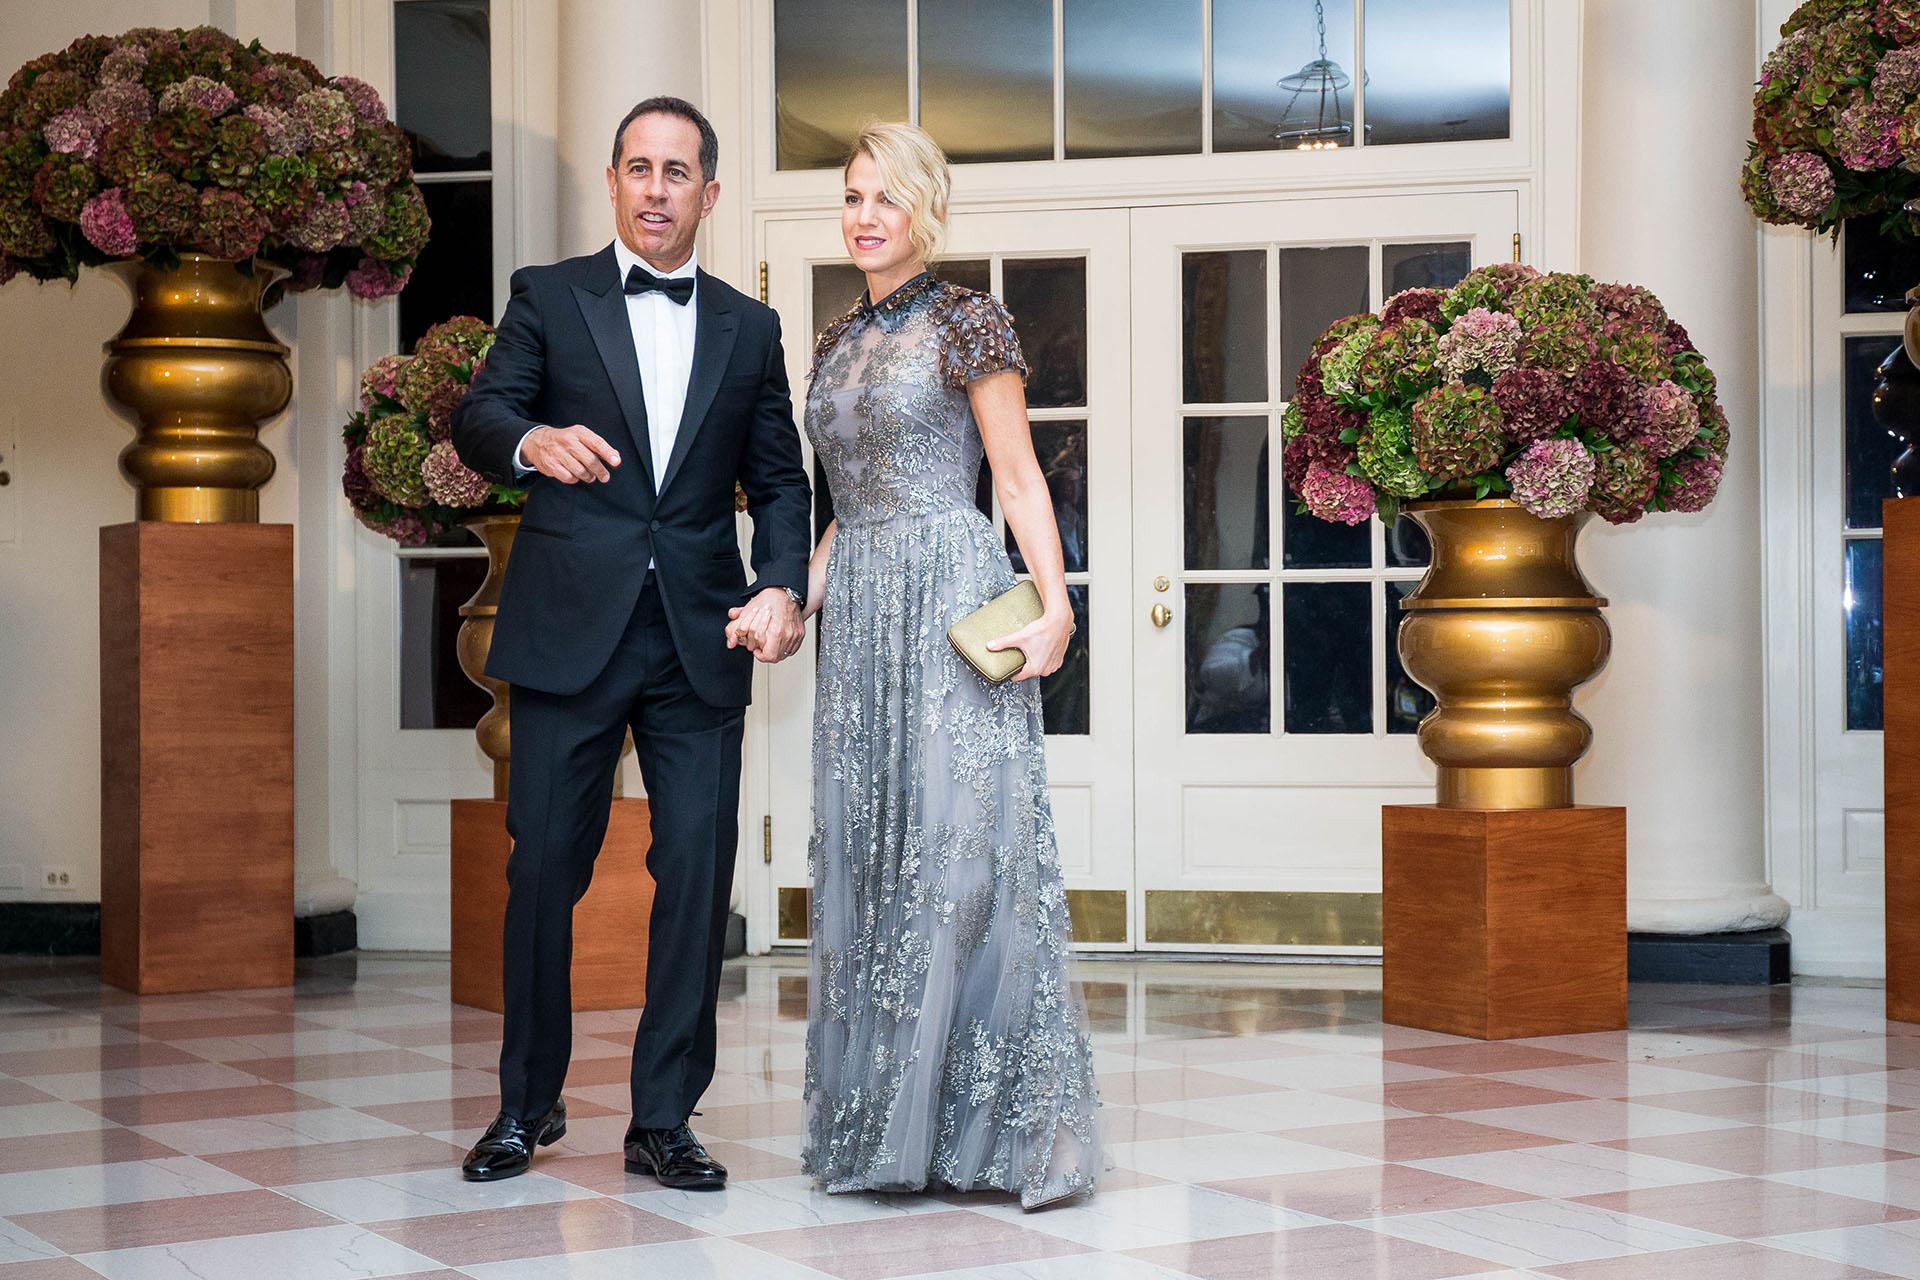 El comediante Jerry Seinfeld junto a su mujer Jessica Seinfeld